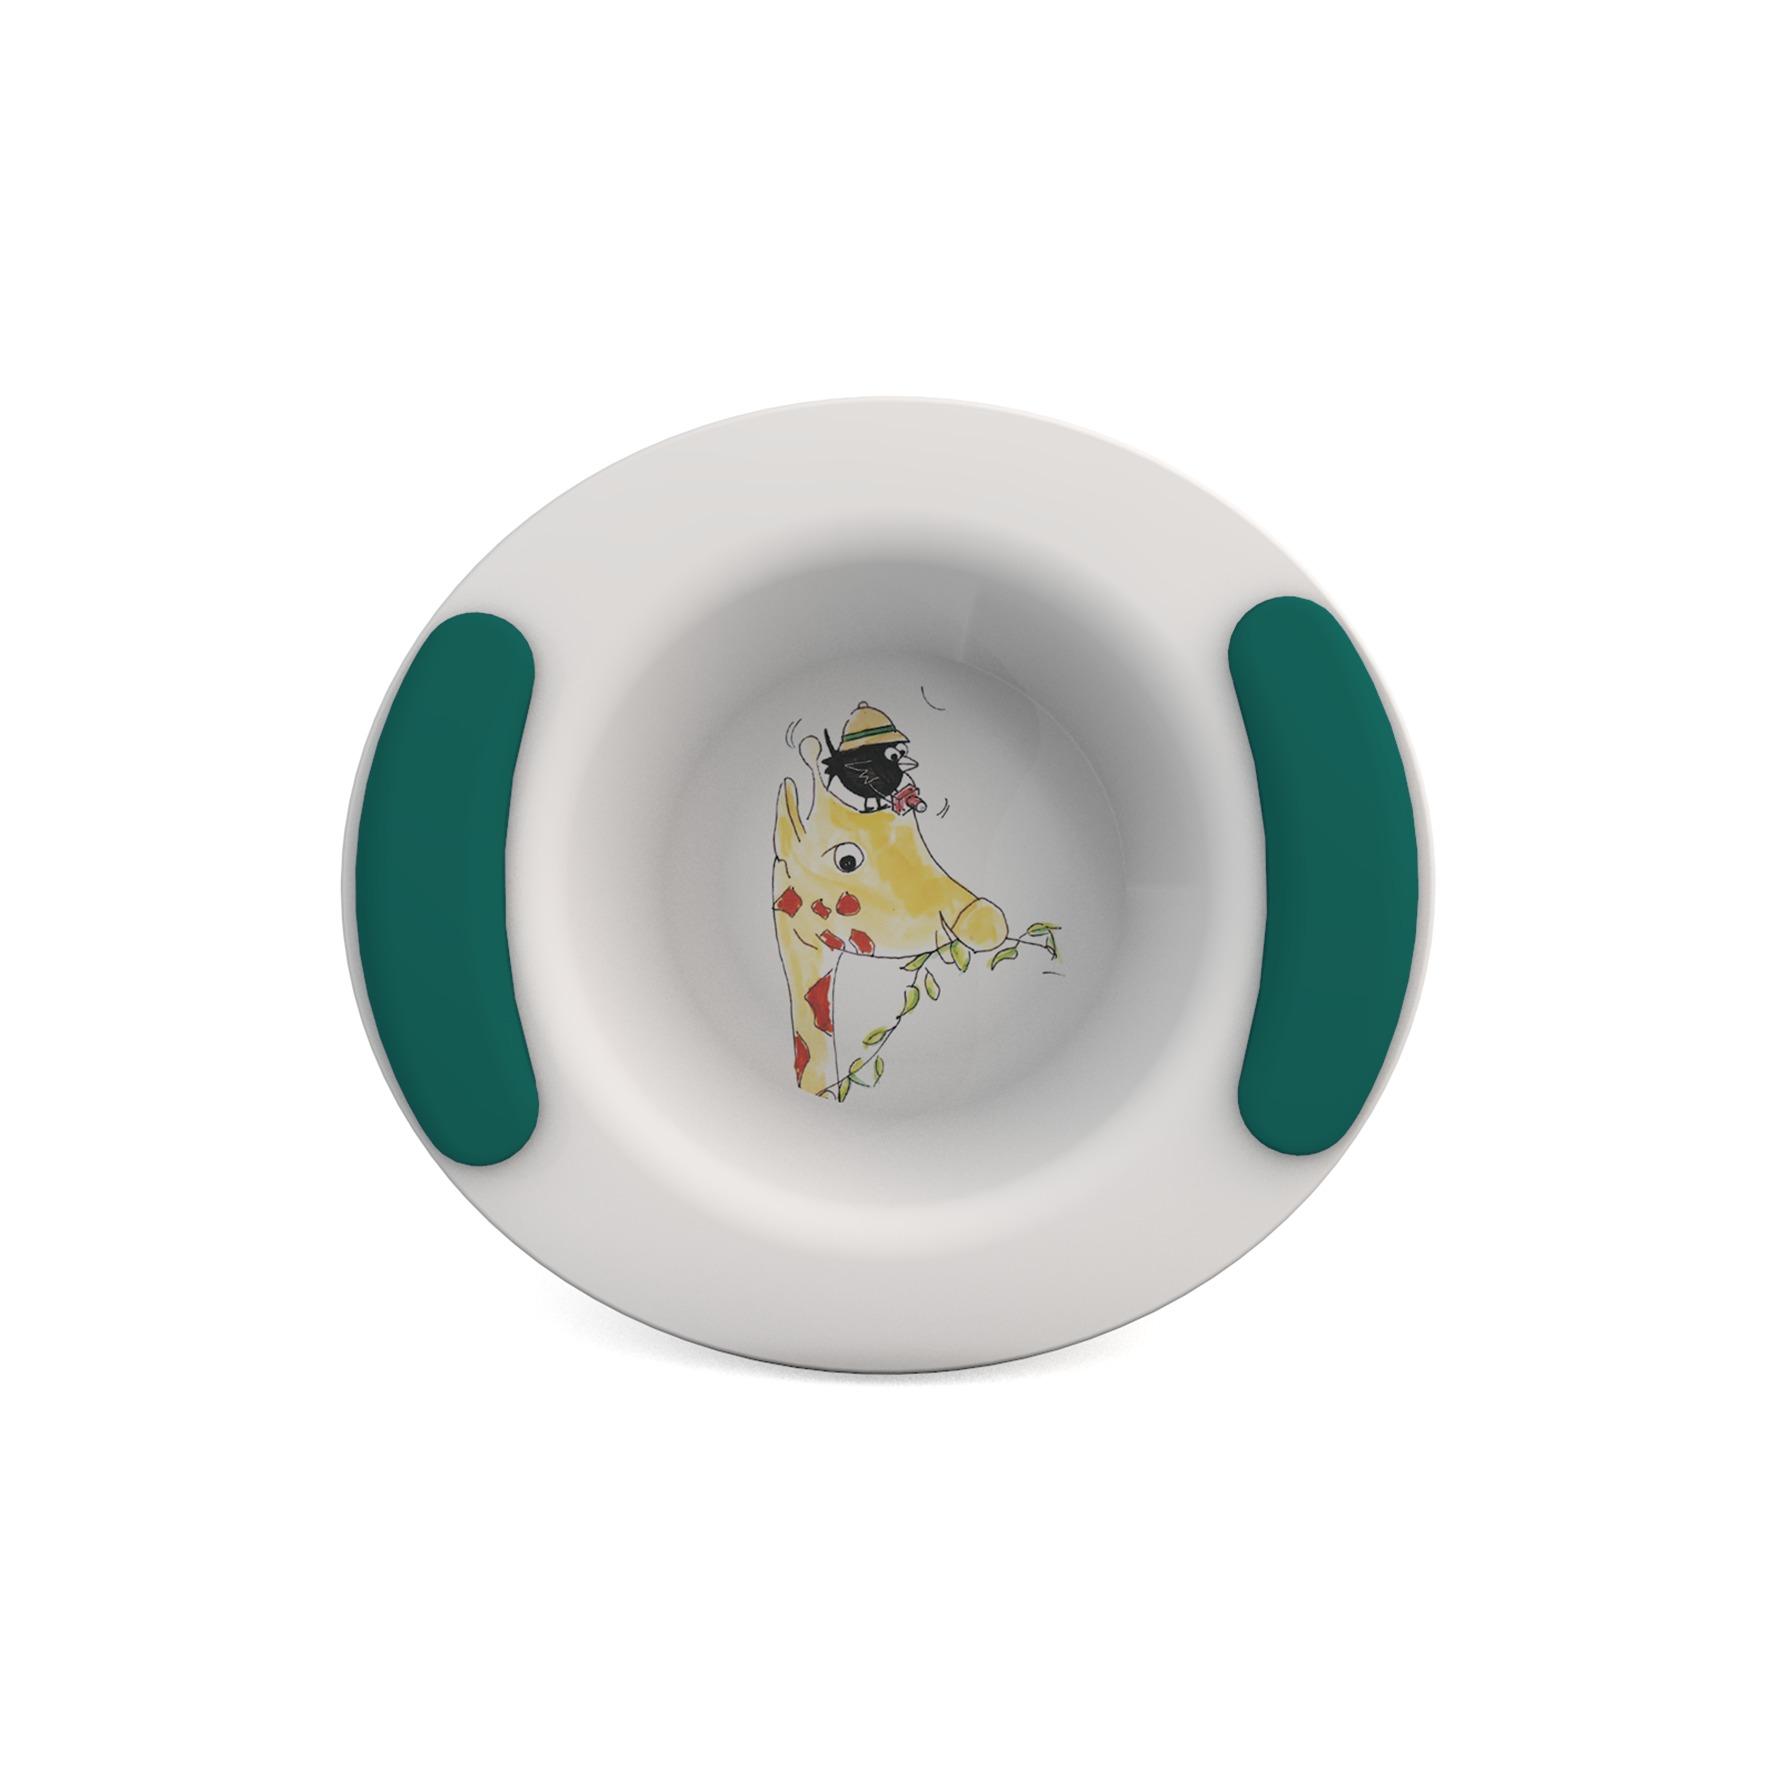 Children's Bowl 200 ml/7 oz, round